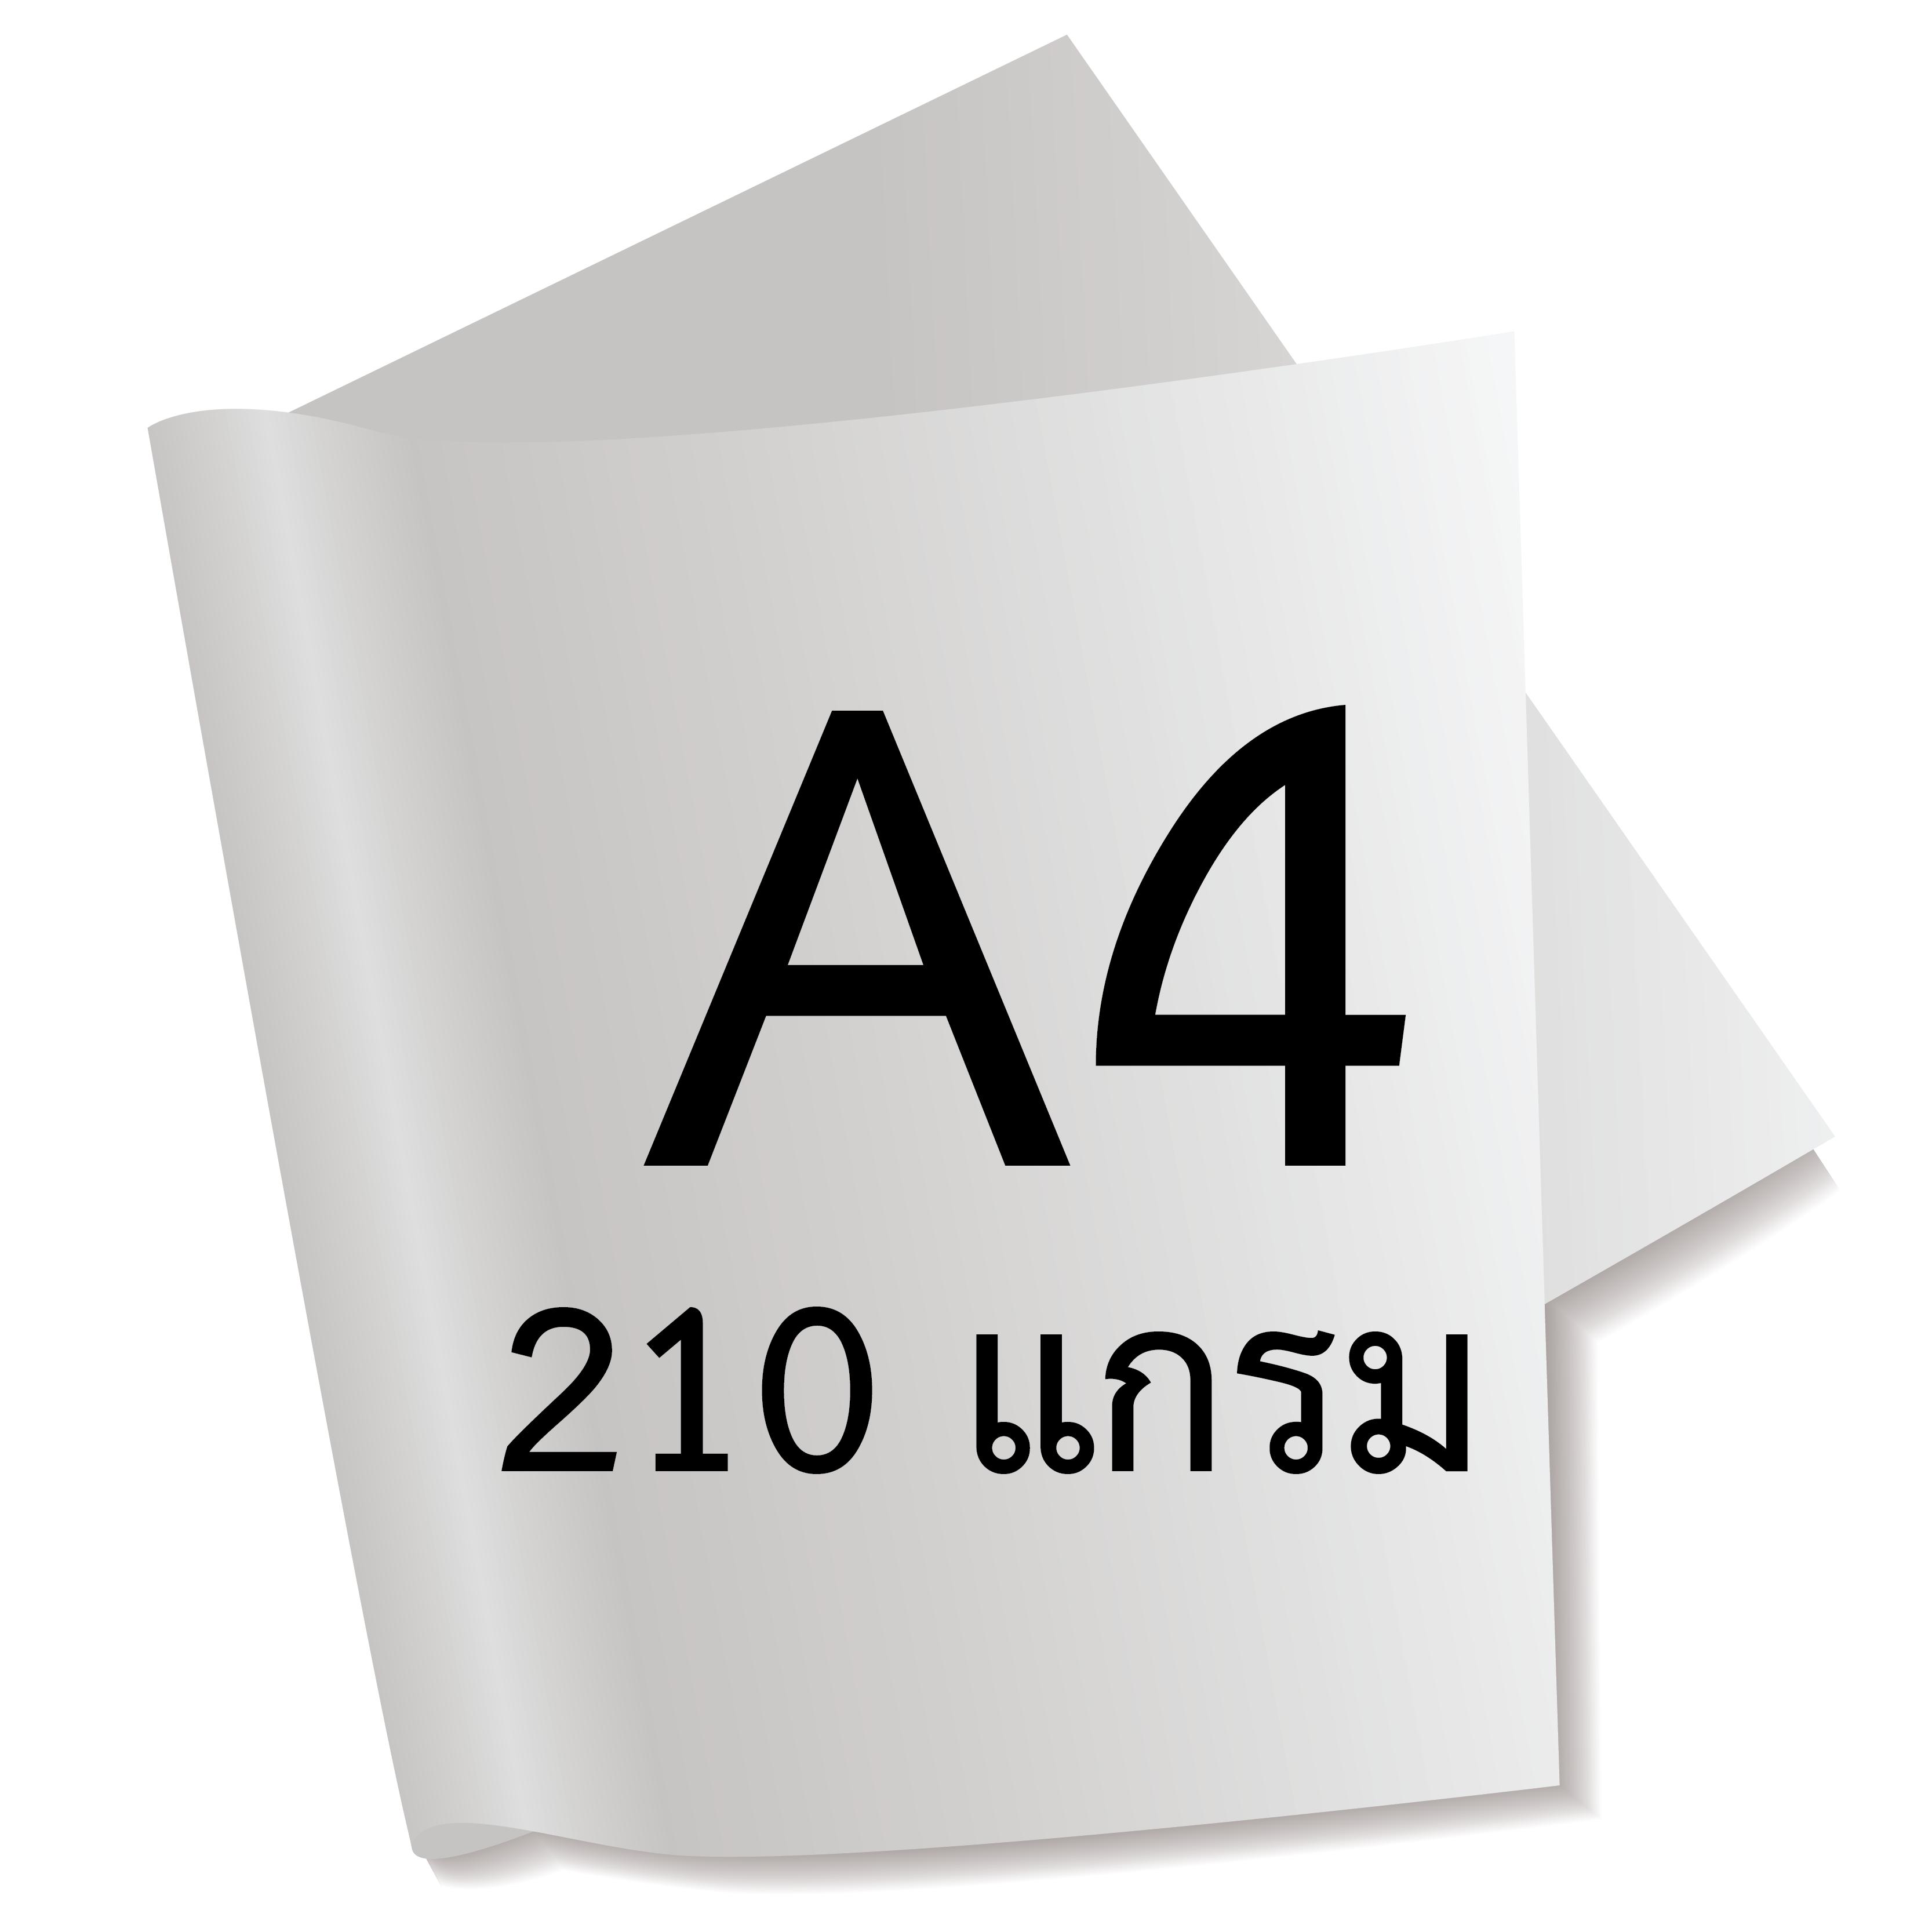 กระดาษอาร์ตการ์ดมัน 2 หน้า 210 แกรม/A4 (500 แผ่น)